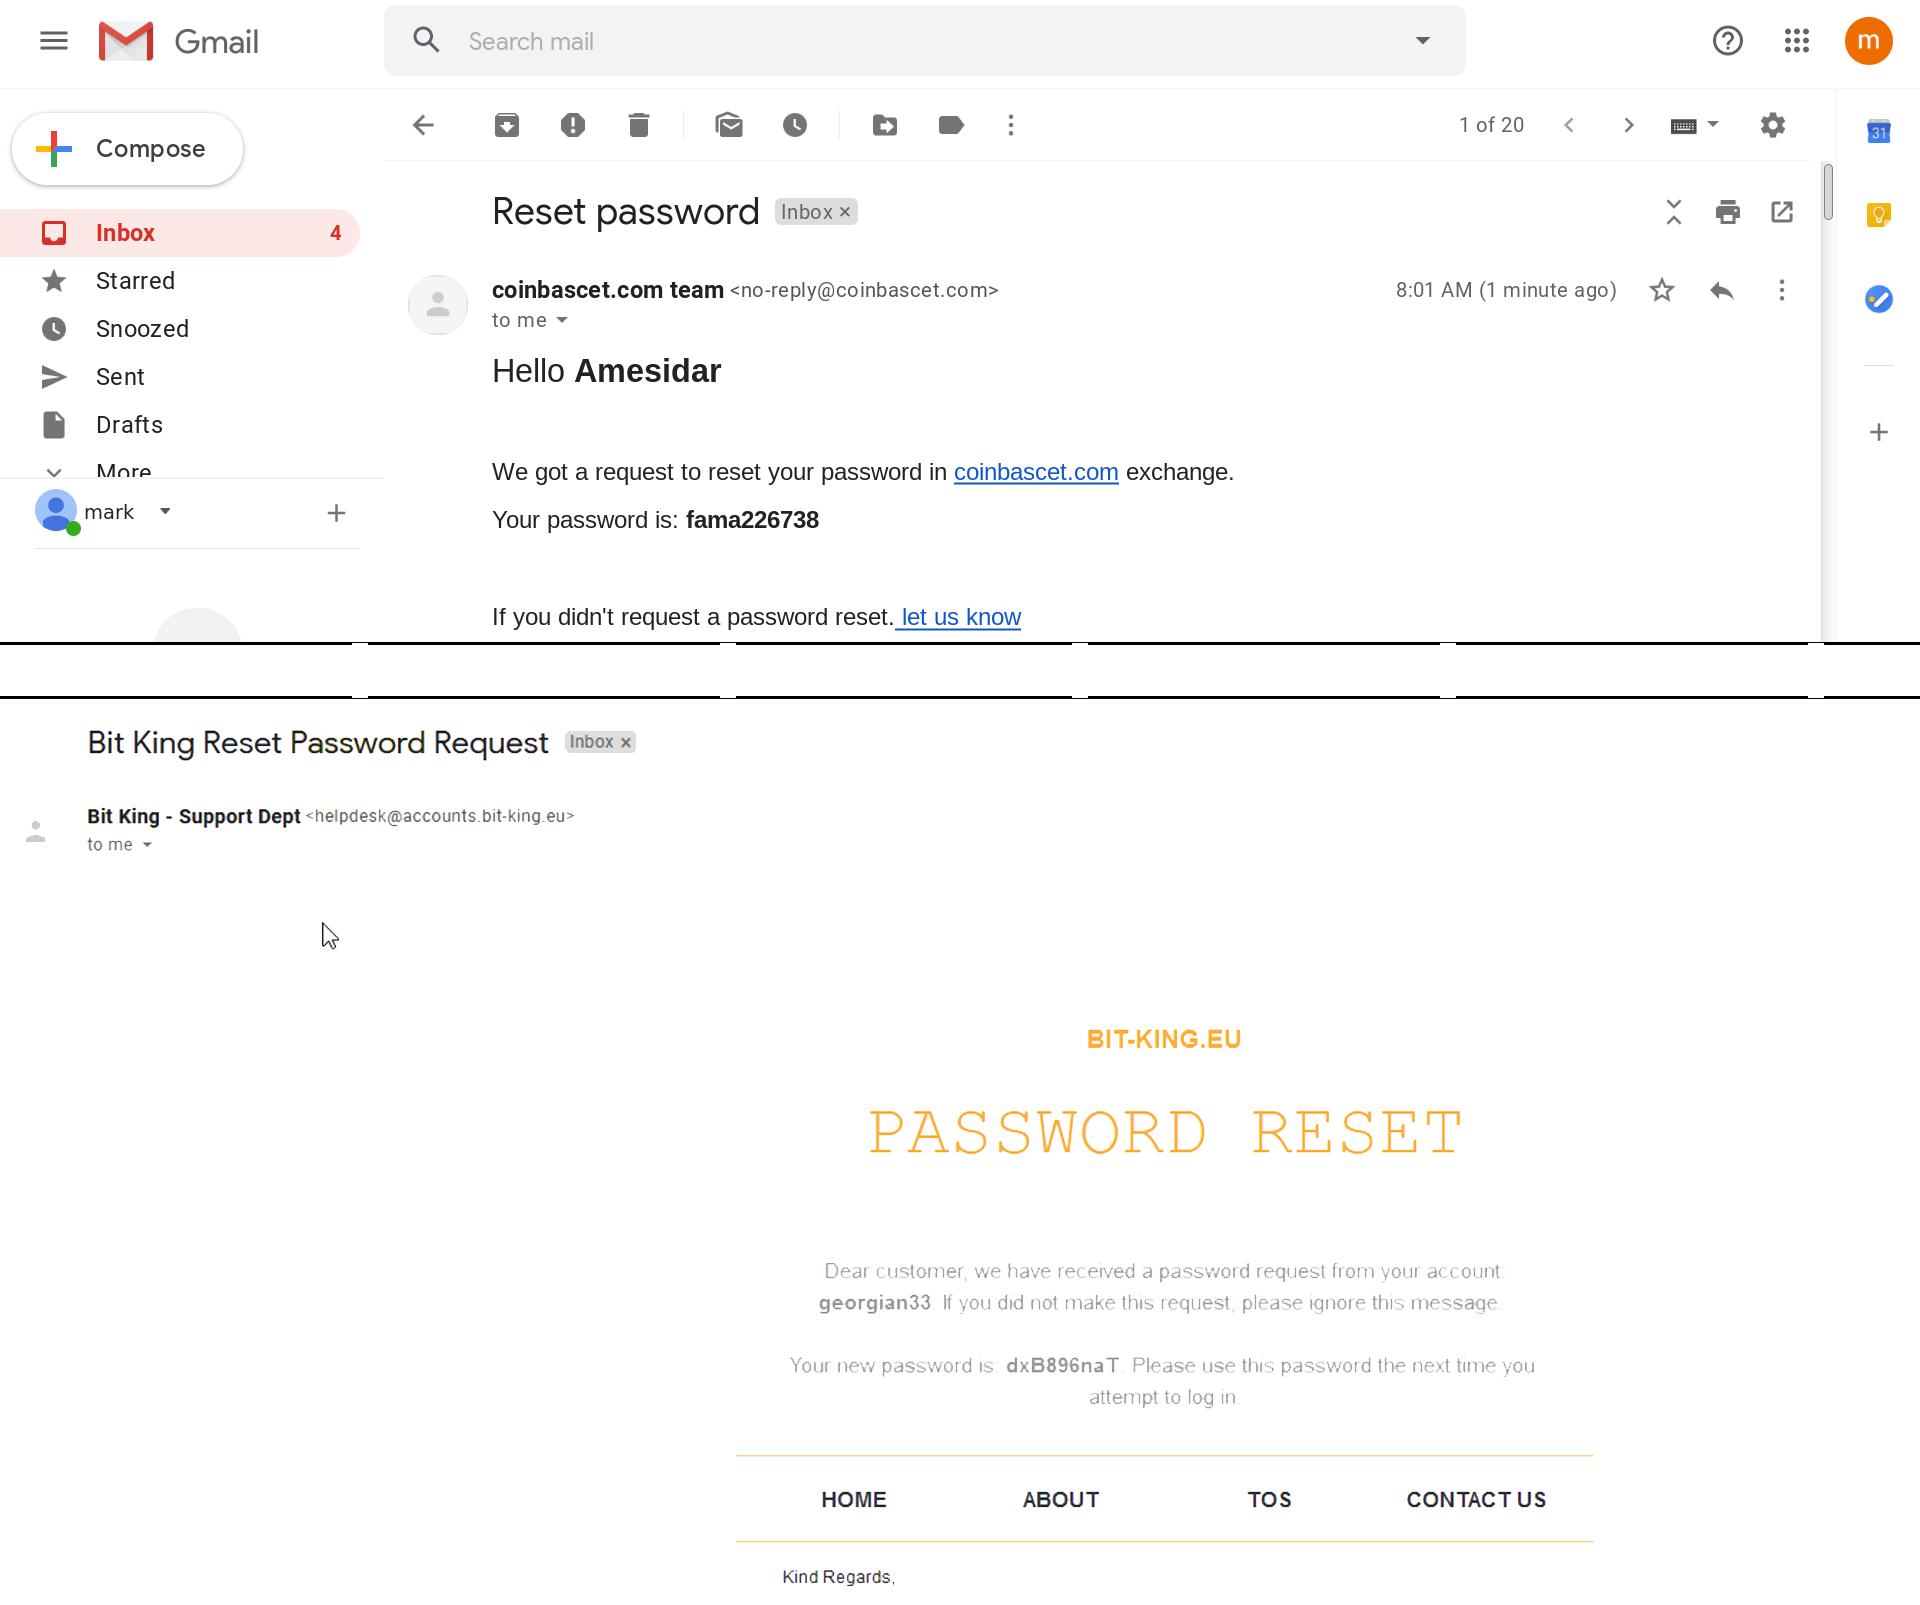 偽の仮想通貨アカウント用の偽のパスワードリセットメール